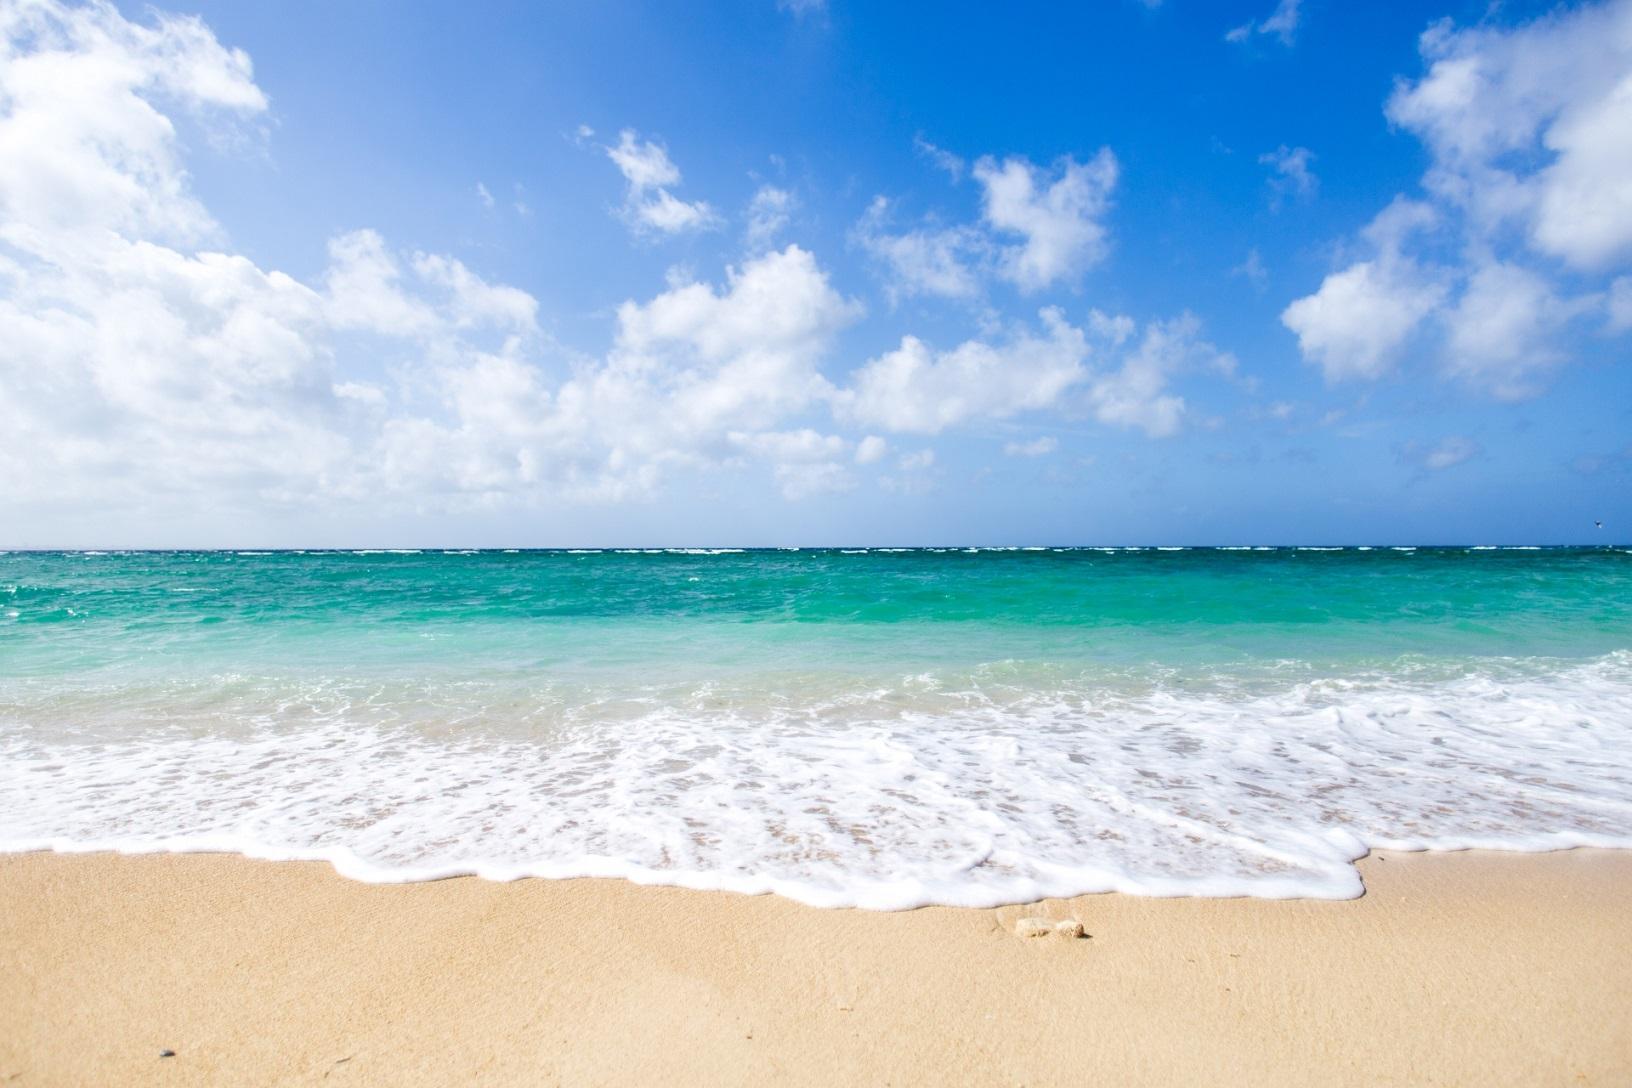 平安座島をドライブ観光しよう!橋から眺める海は絶景でおすすめ!